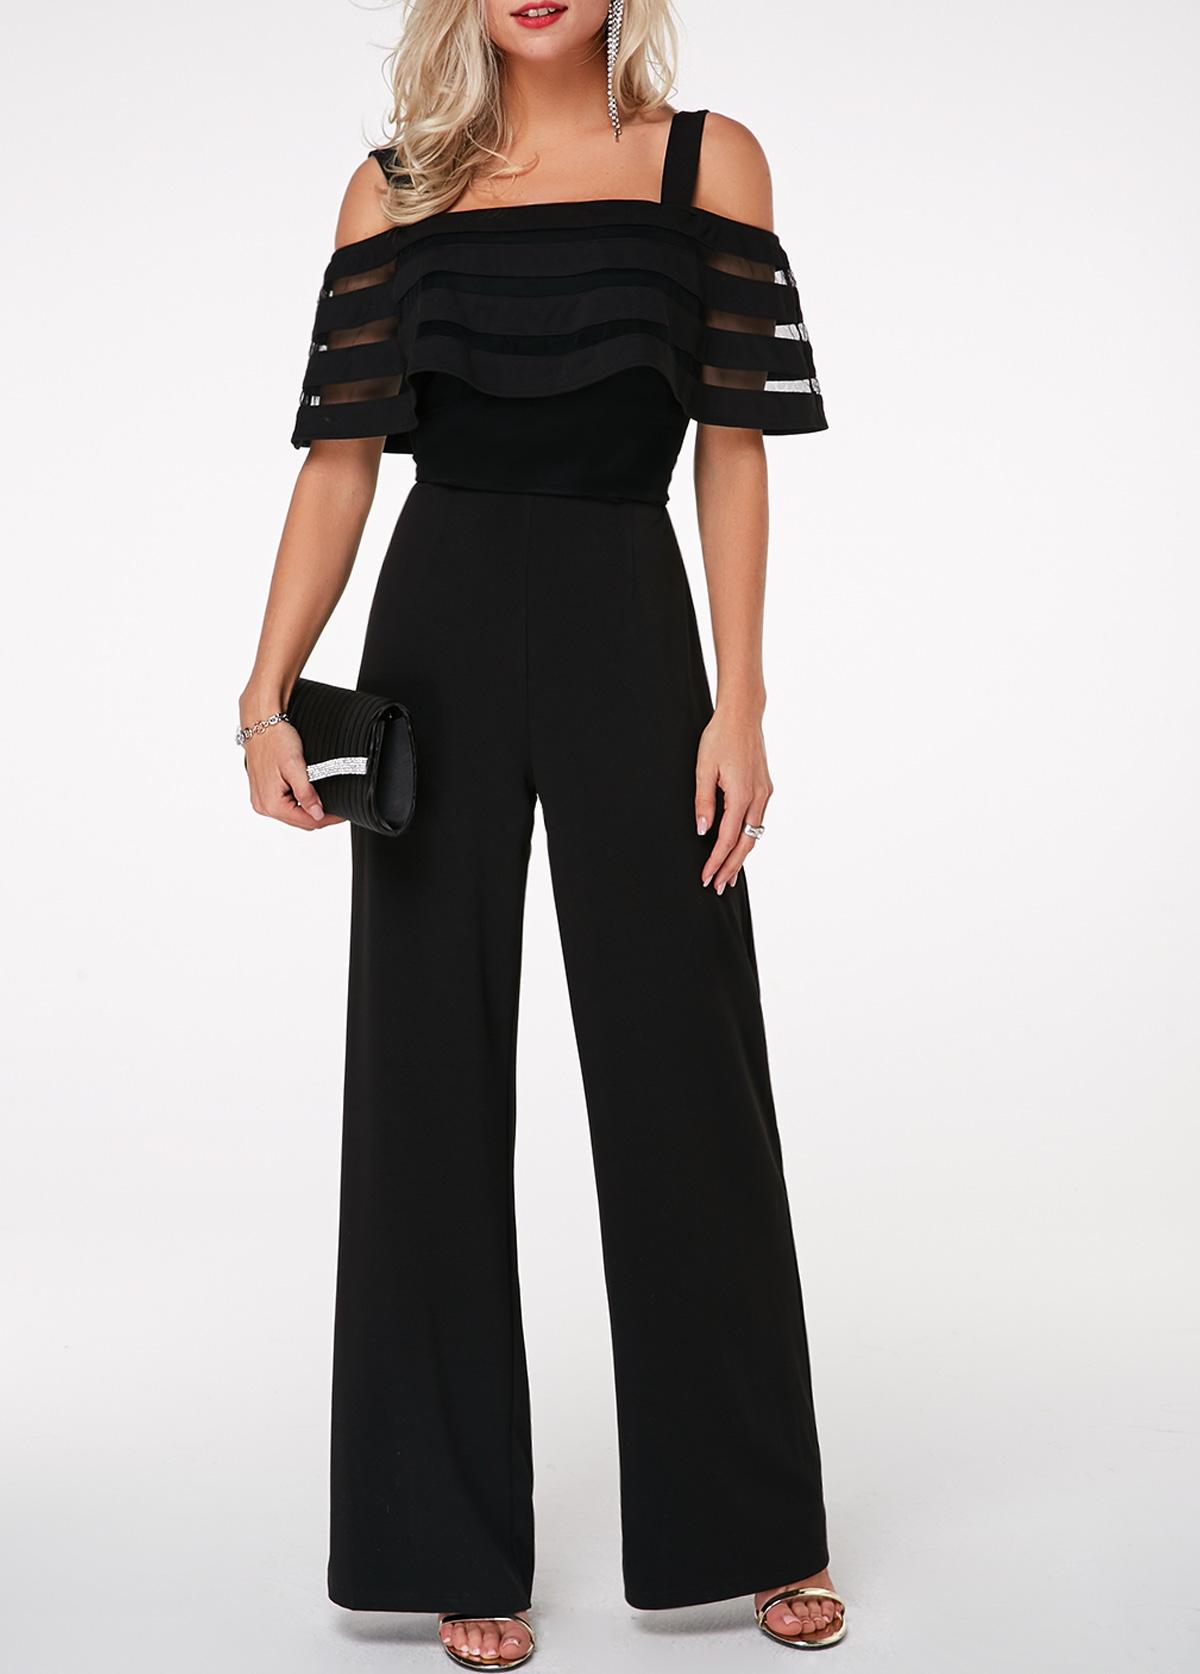 Overlay Embellished Strappy Cold Shoulder Black Jumpsuit